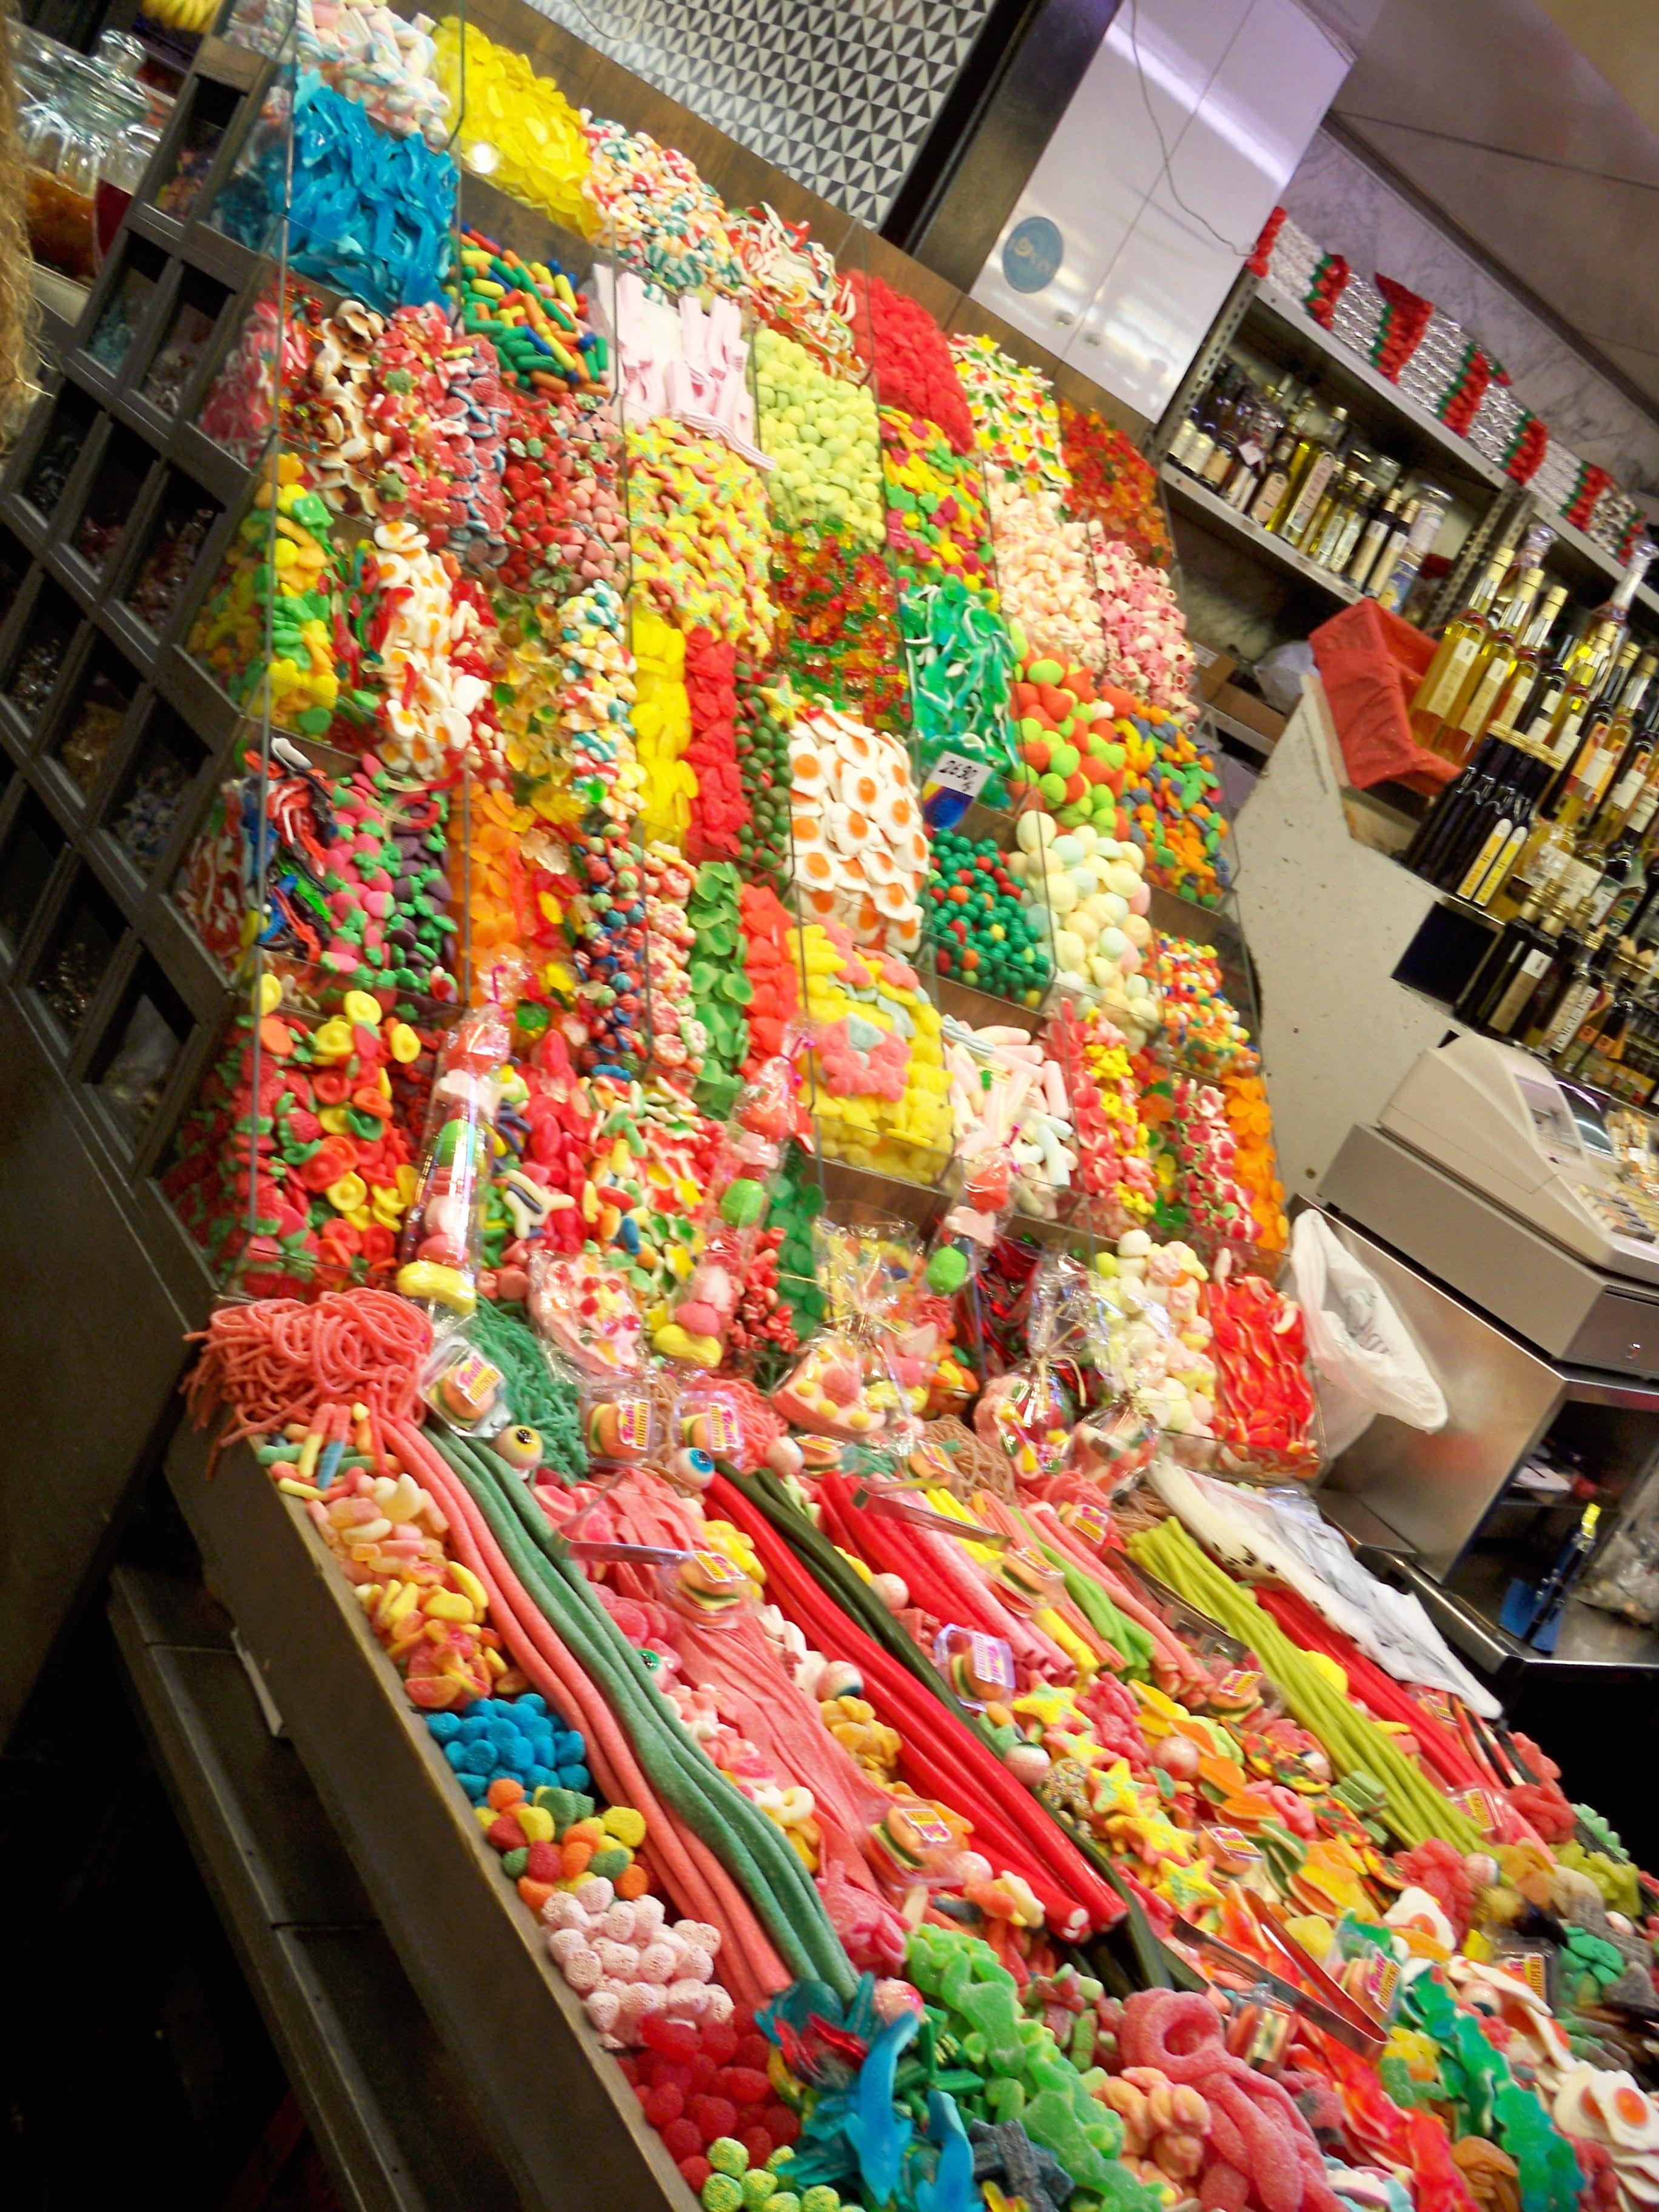 el cielo para los que gustan de los dulces - La Boqueria, Barcelona